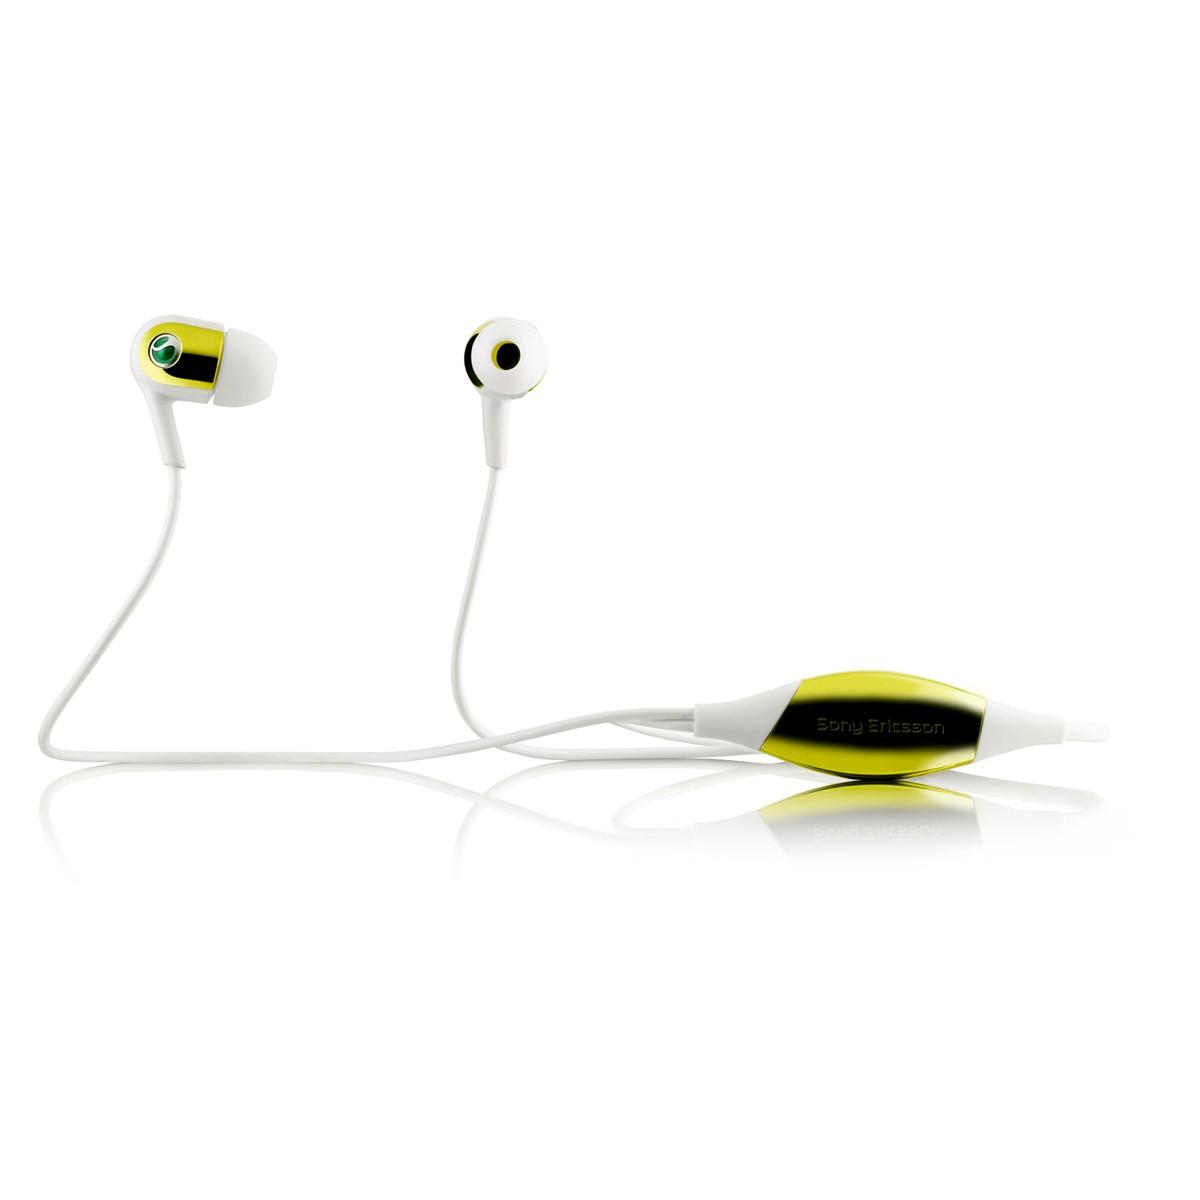 sony-ericsson-fones-de-ouvido-stereo-mh907-branco-amarelo